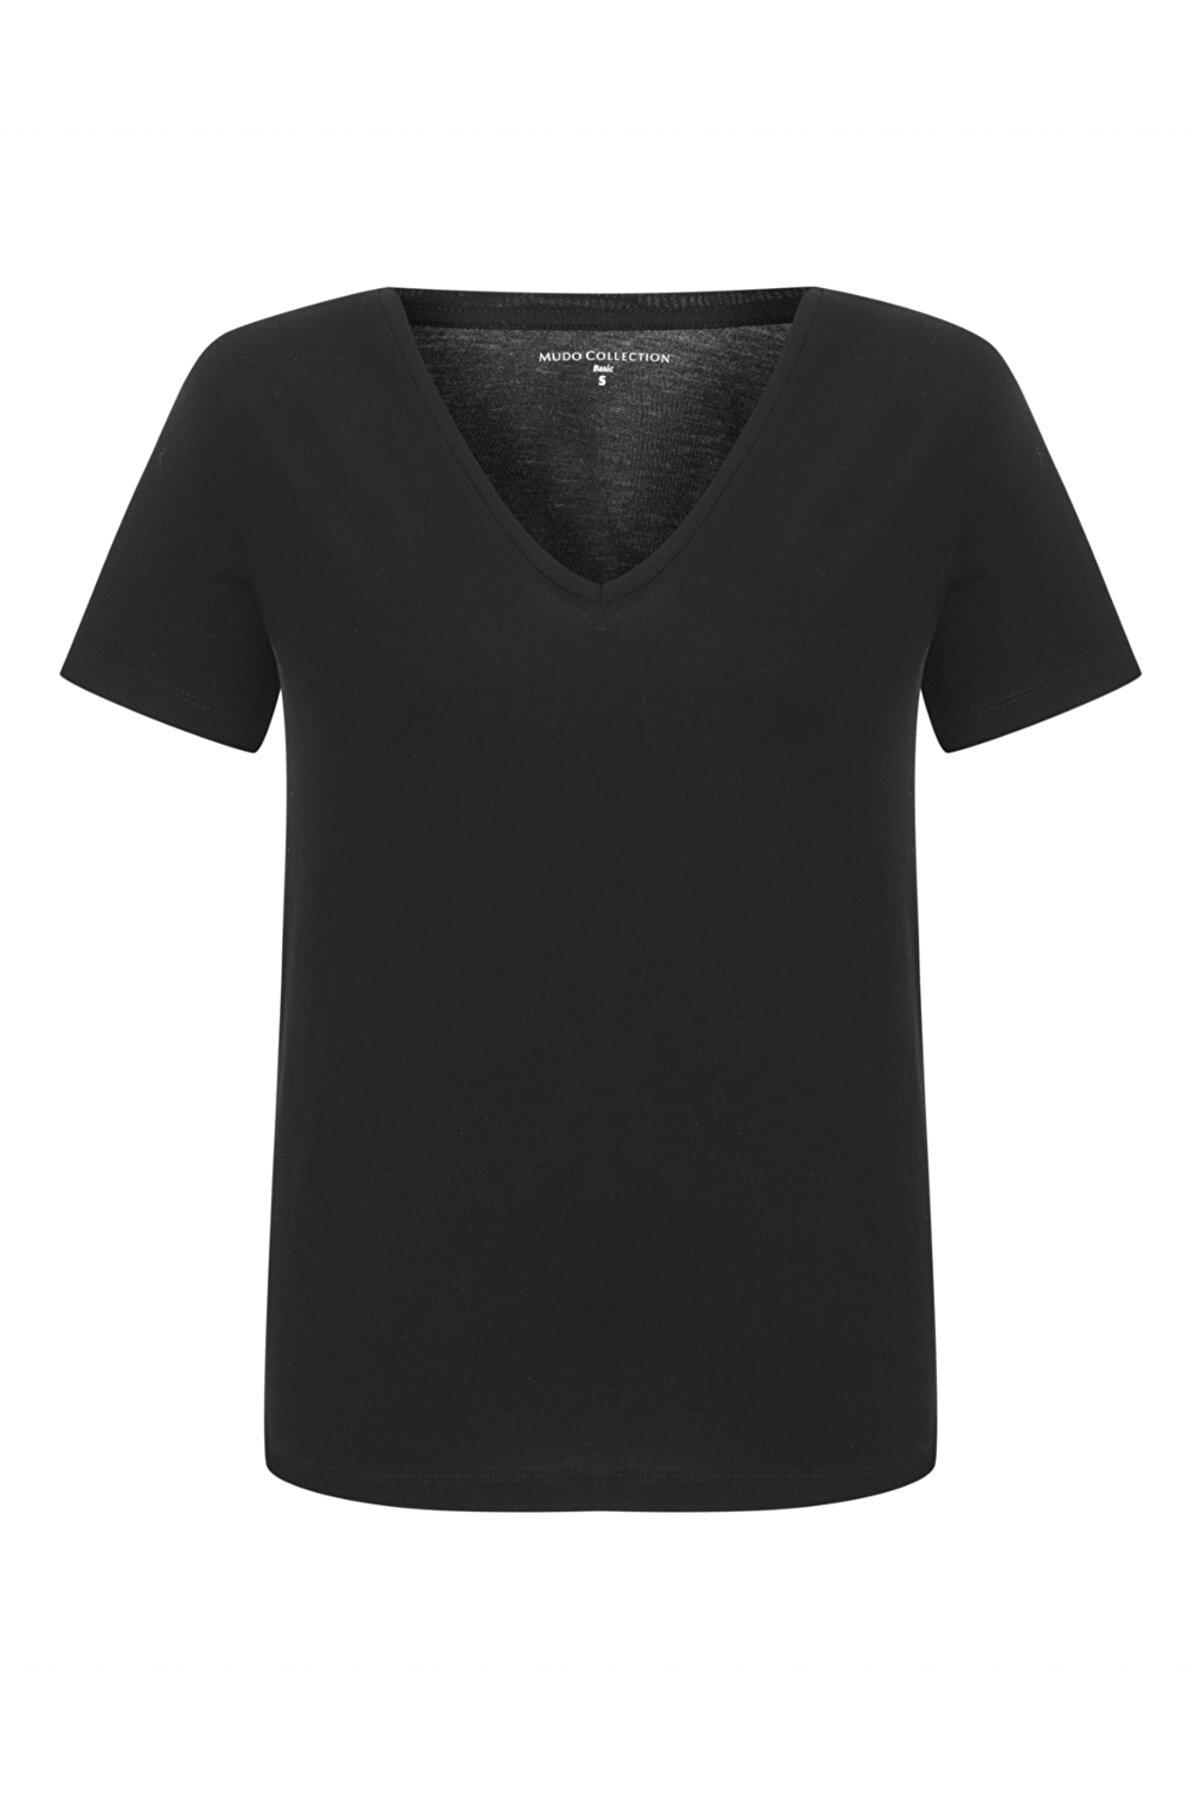 Mudo Kadın Siyah V Yaka Pamuk Basıc T-Shirt 368778